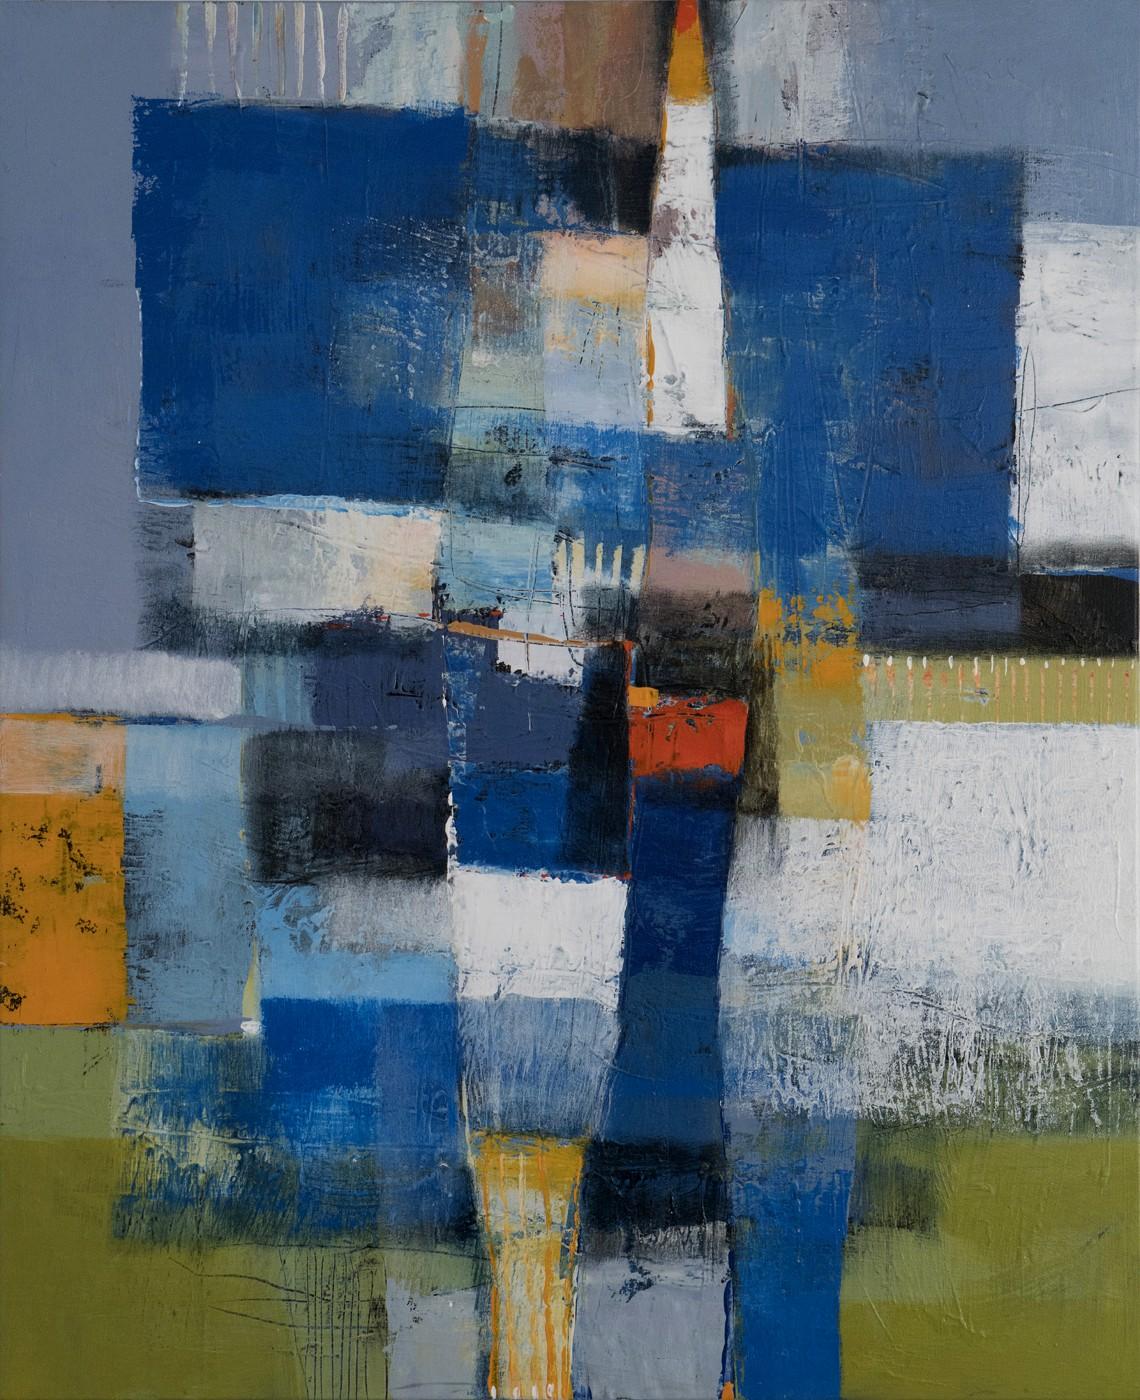 Abstrakte Komposition mit Rahmen auf Blau-Rot-Grün-Orange